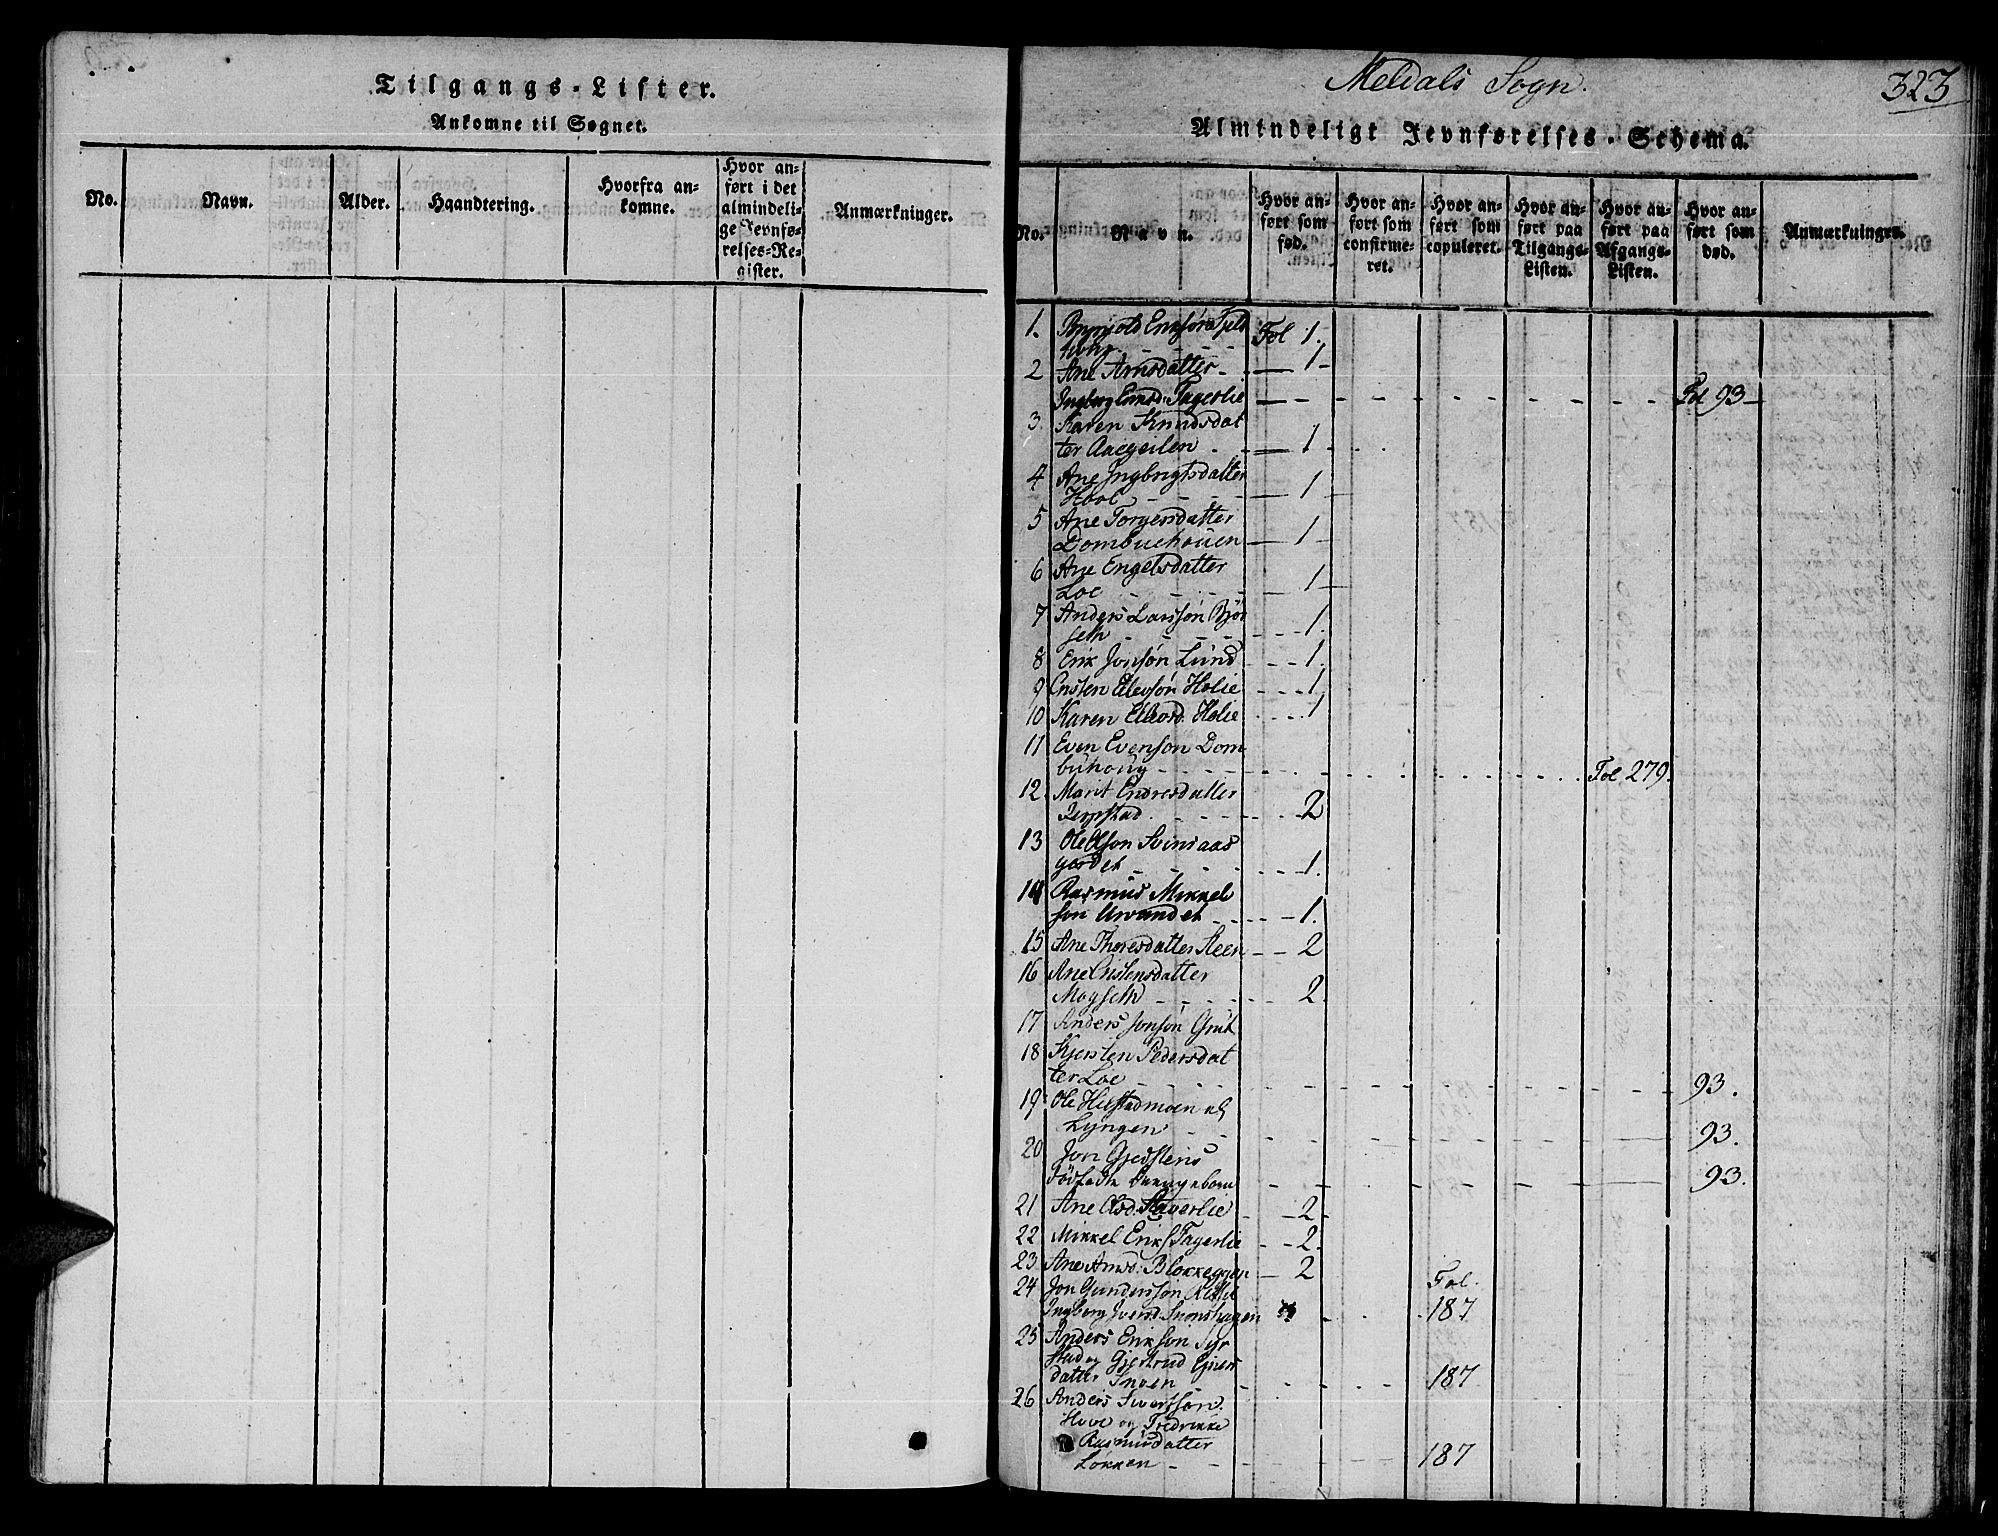 SAT, Ministerialprotokoller, klokkerbøker og fødselsregistre - Sør-Trøndelag, 672/L0853: Ministerialbok nr. 672A06 /1, 1816-1829, s. 323